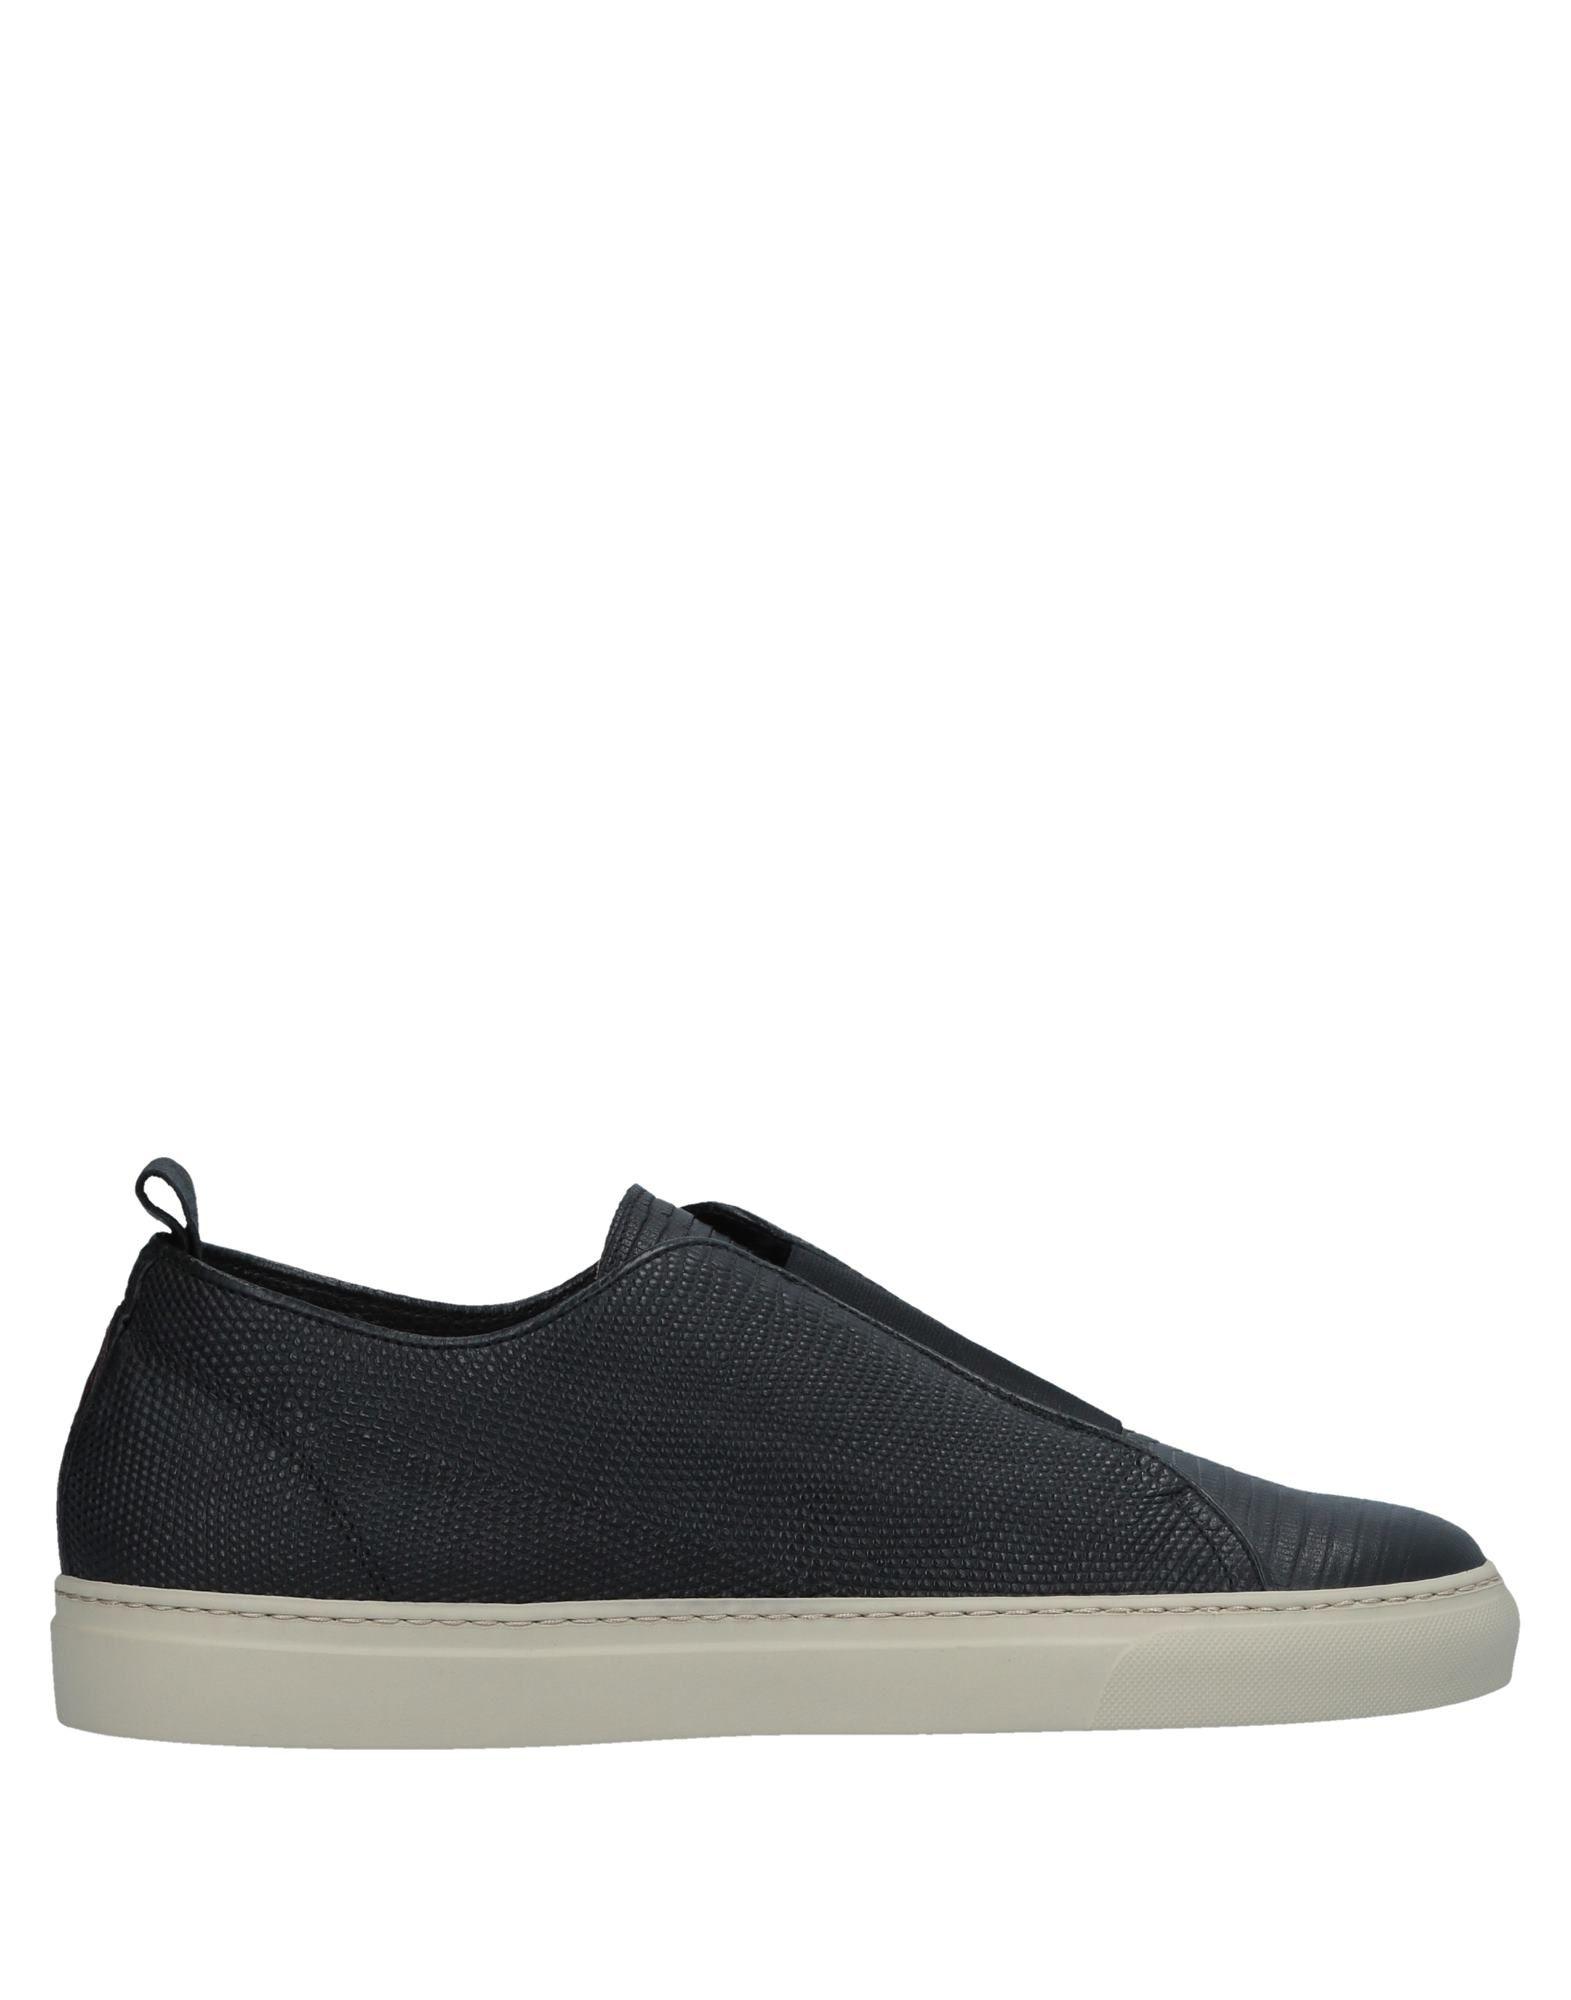 Rabatt echte Schuhe Levius Sneakers Herren  11533114GK